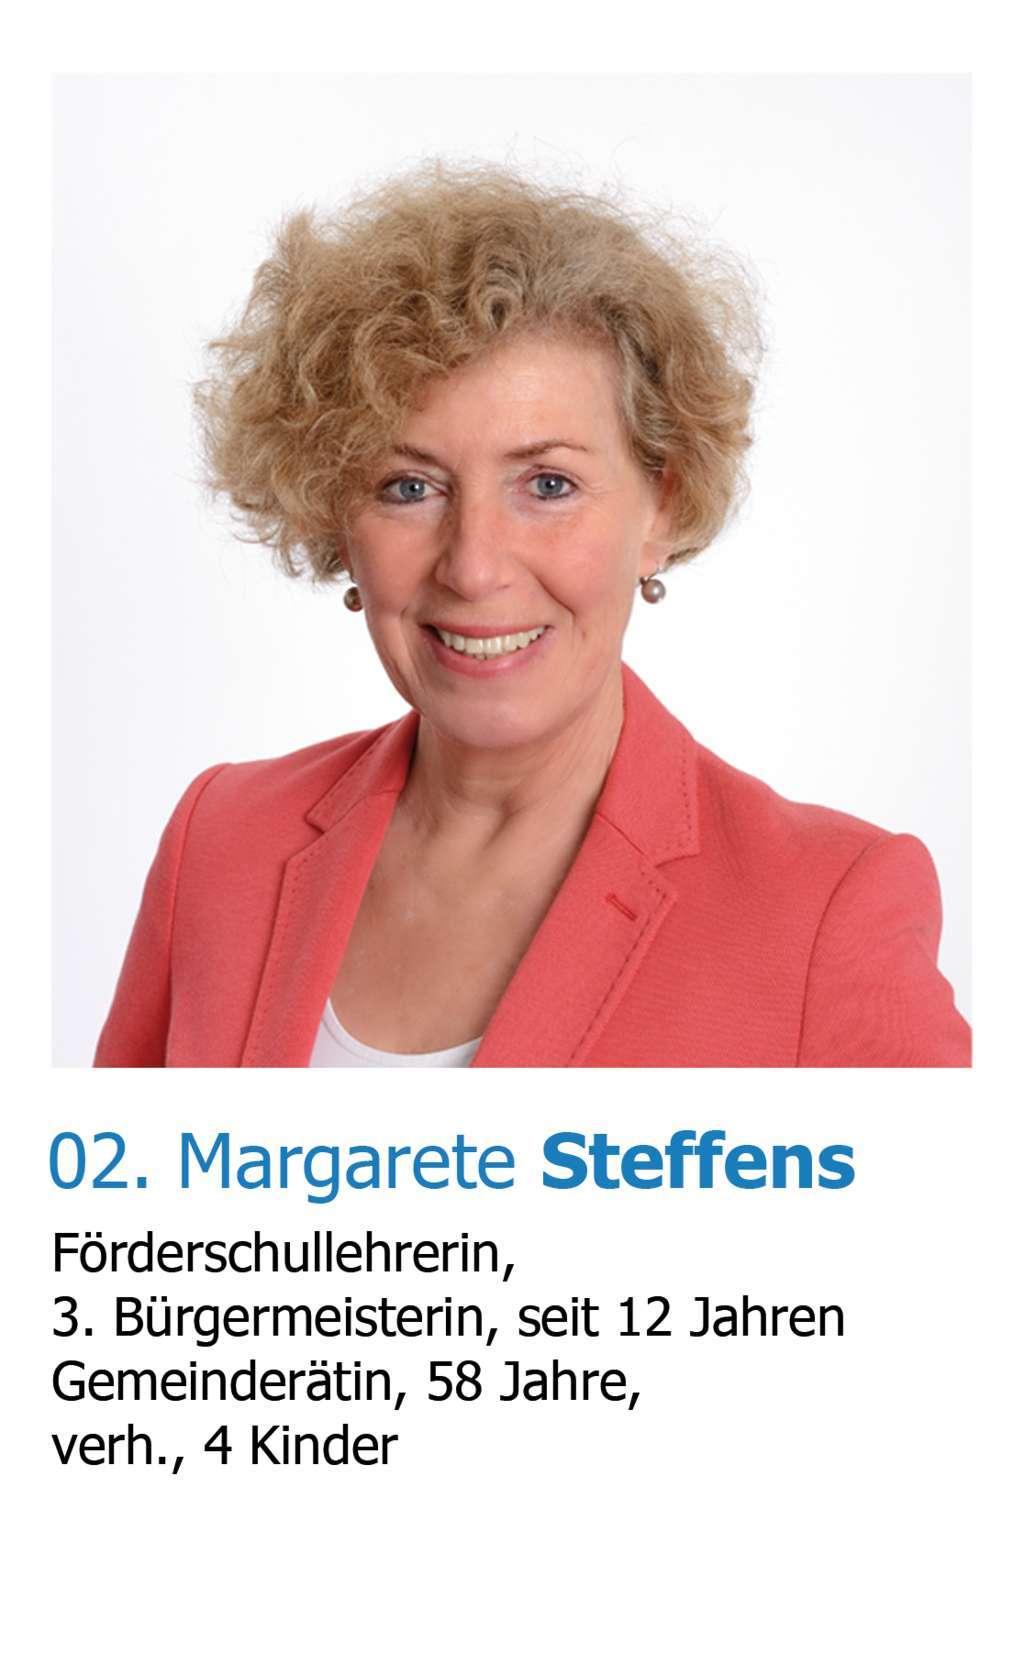 Margarete Steffens